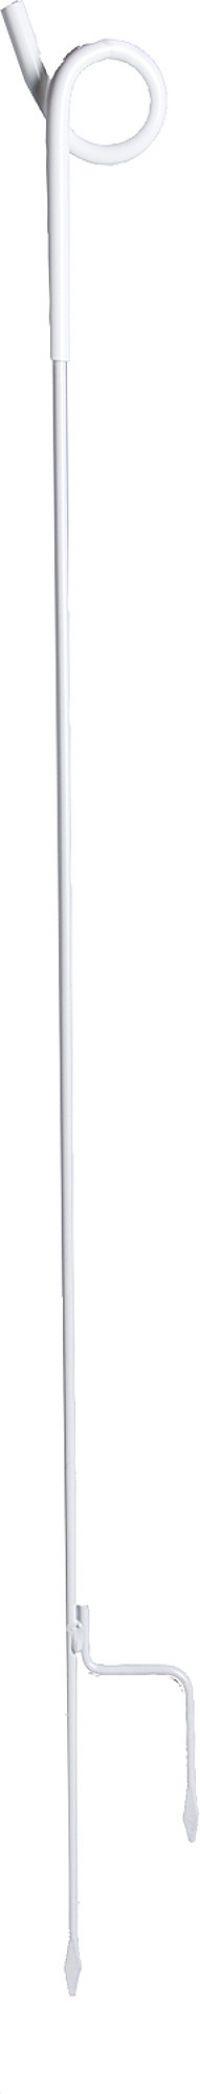 Schrikdraadpalen met varkenskrul isolator 100 cm, 10 stuks